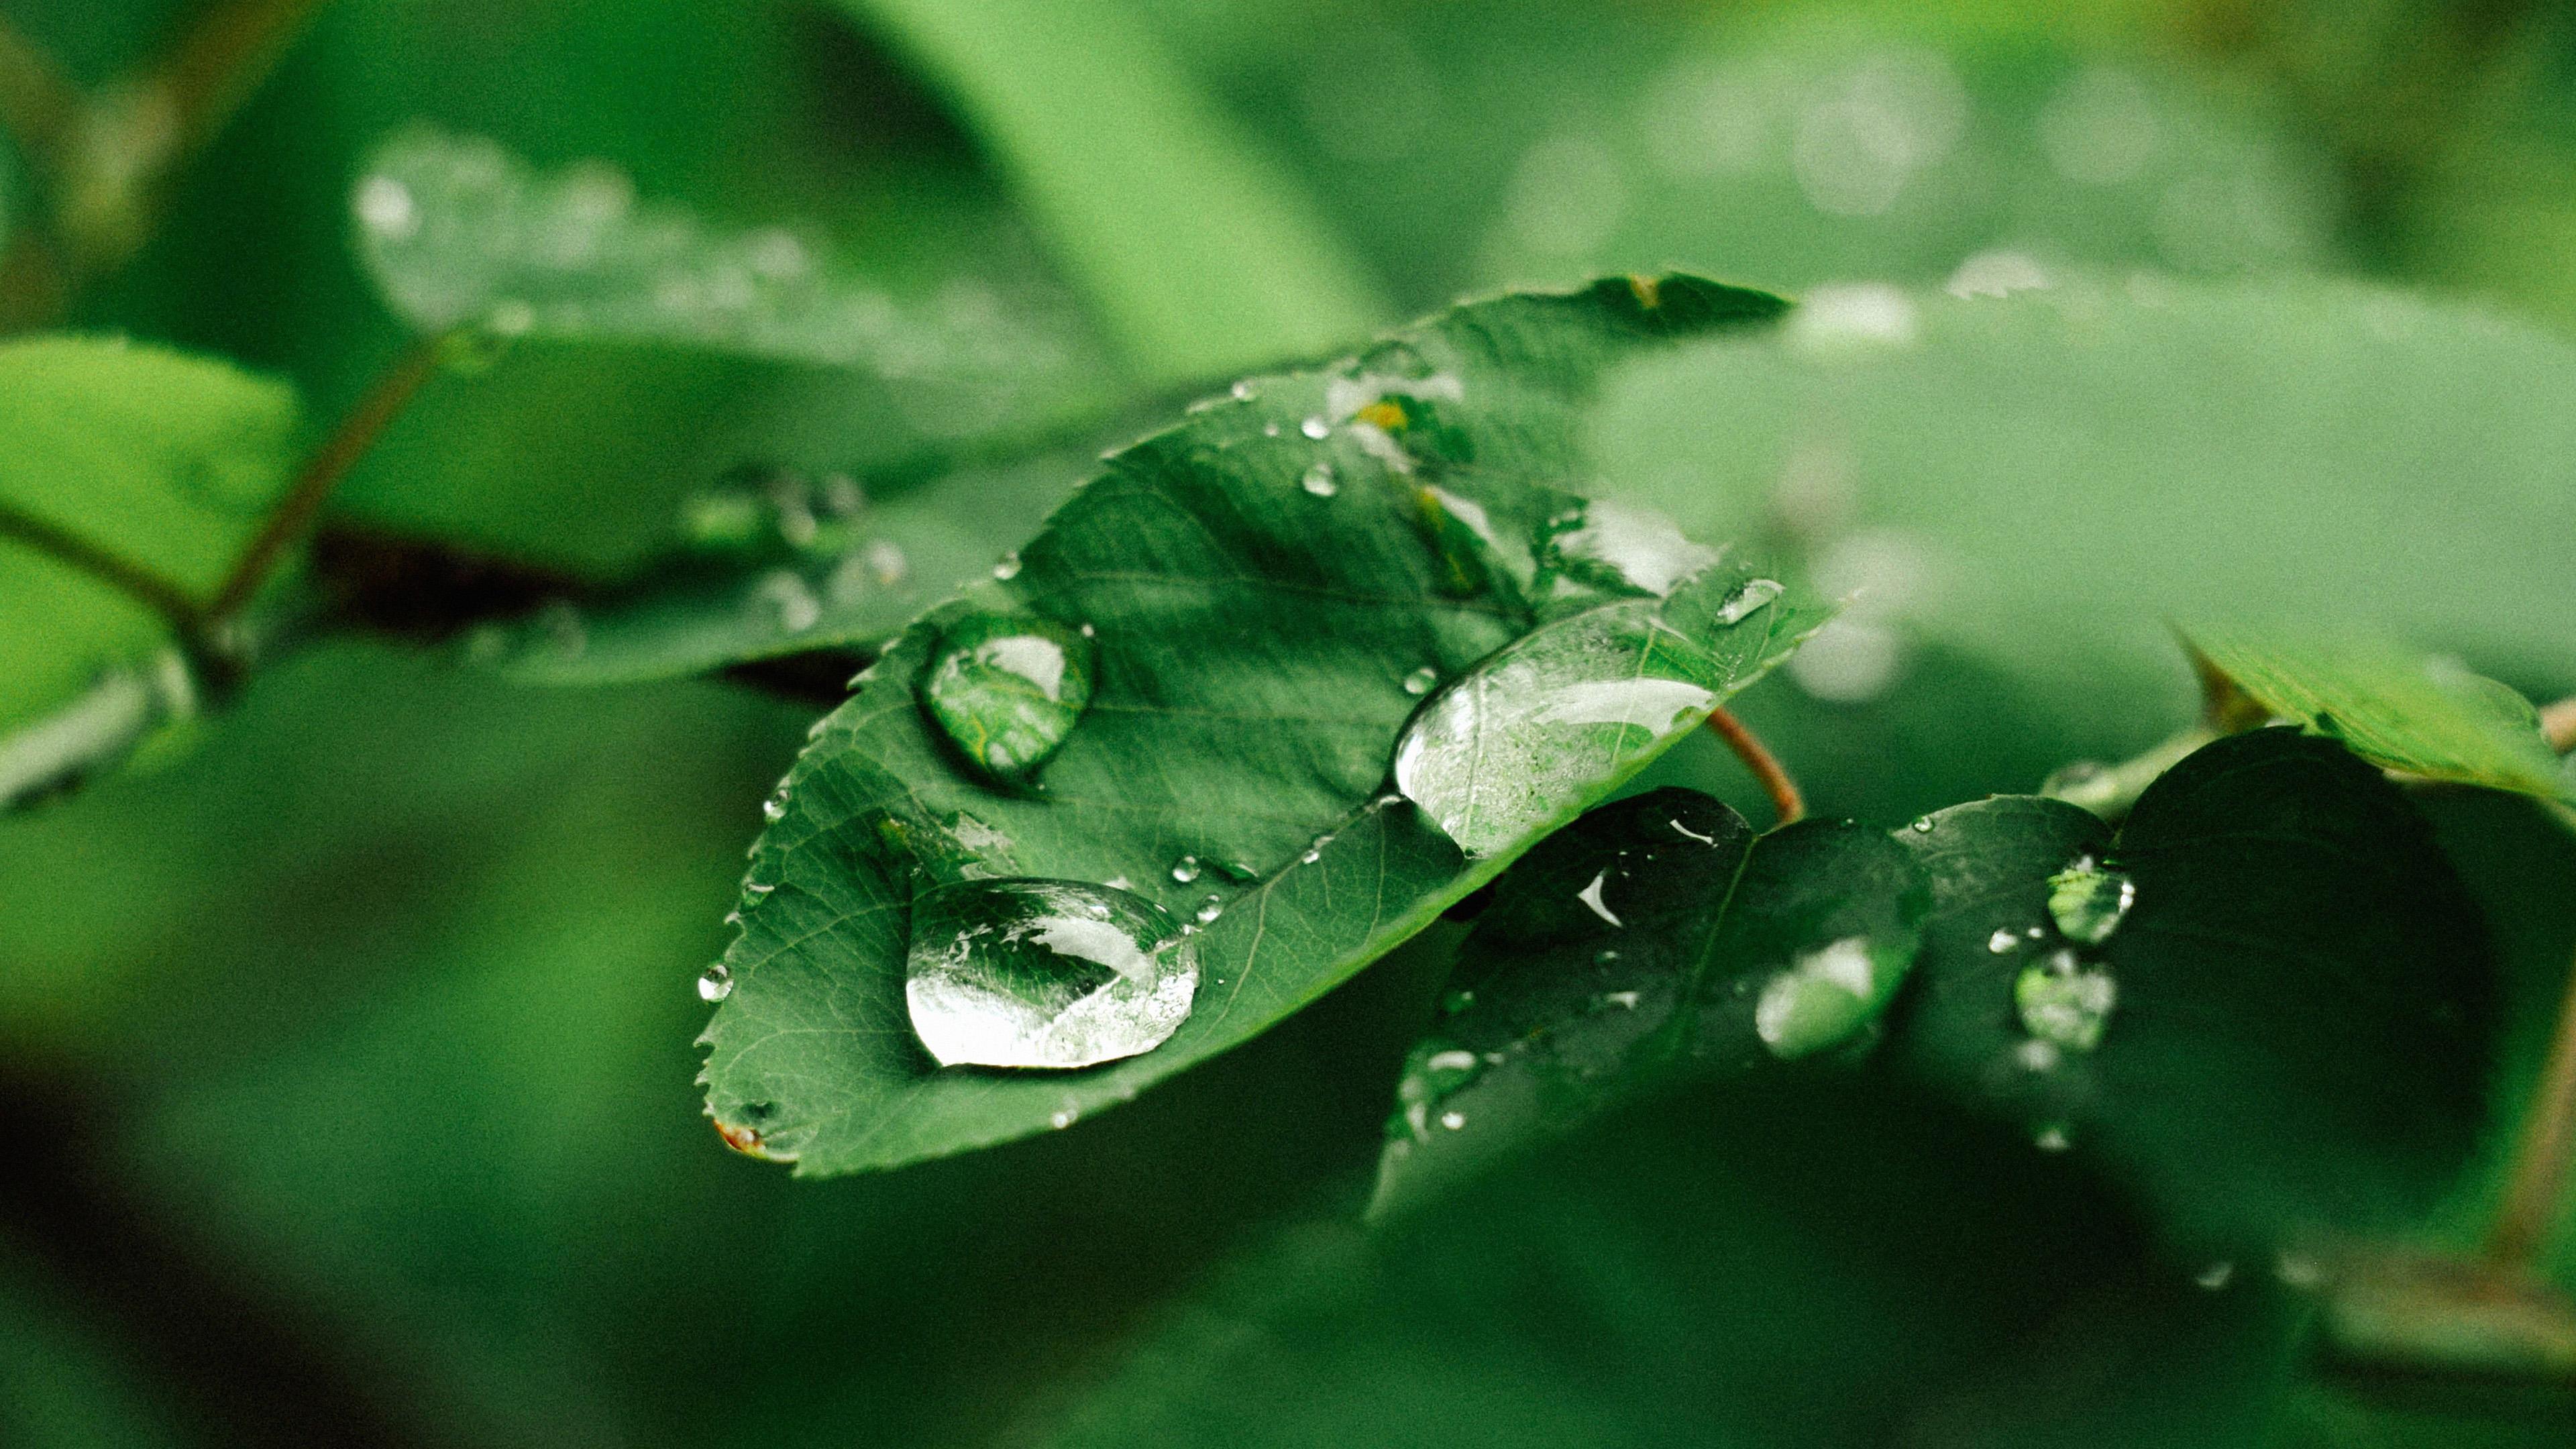 3840 x 2400 - Rainy nature hd wallpaper ...